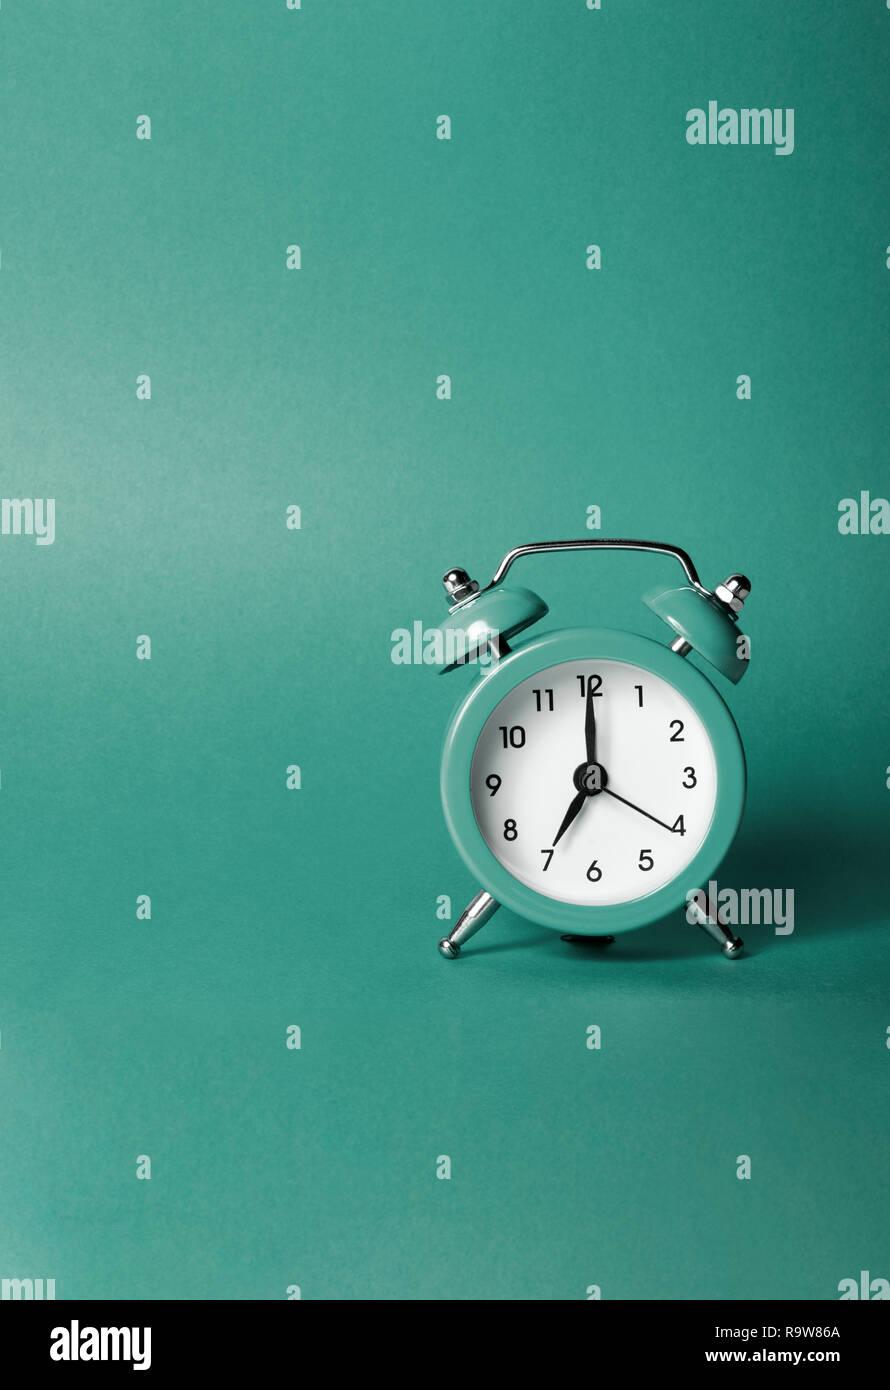 8c11167dc5b6 Reloj de alarma verde sobre fondos verdes con espacio para el texto. Imagen  De Stock